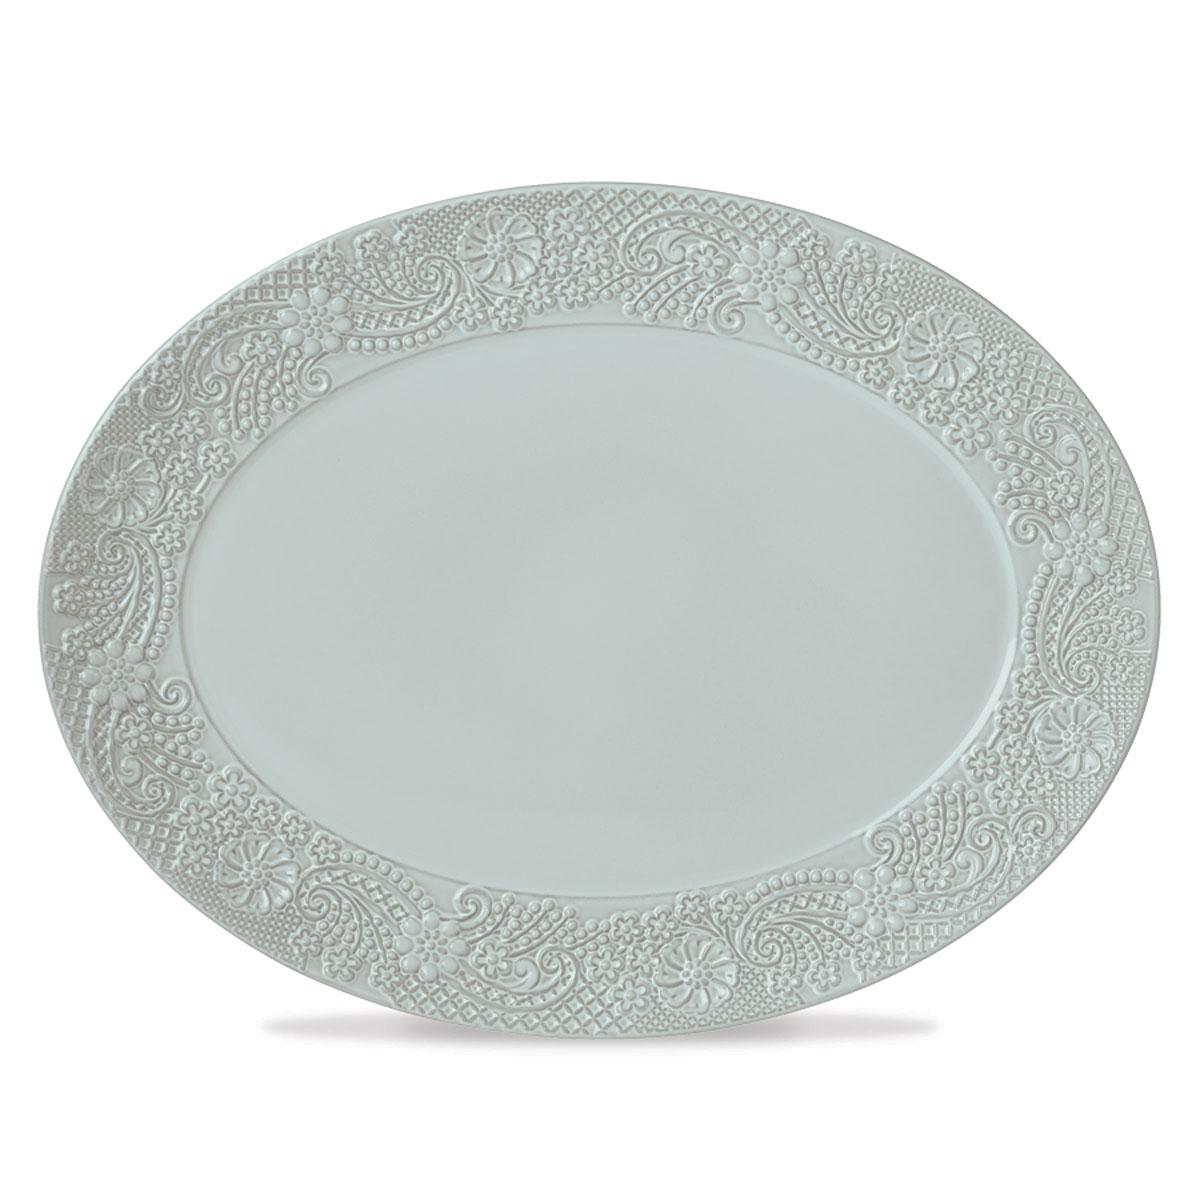 Lenox Chelse Muse Dinnerware Rct Blue Platter